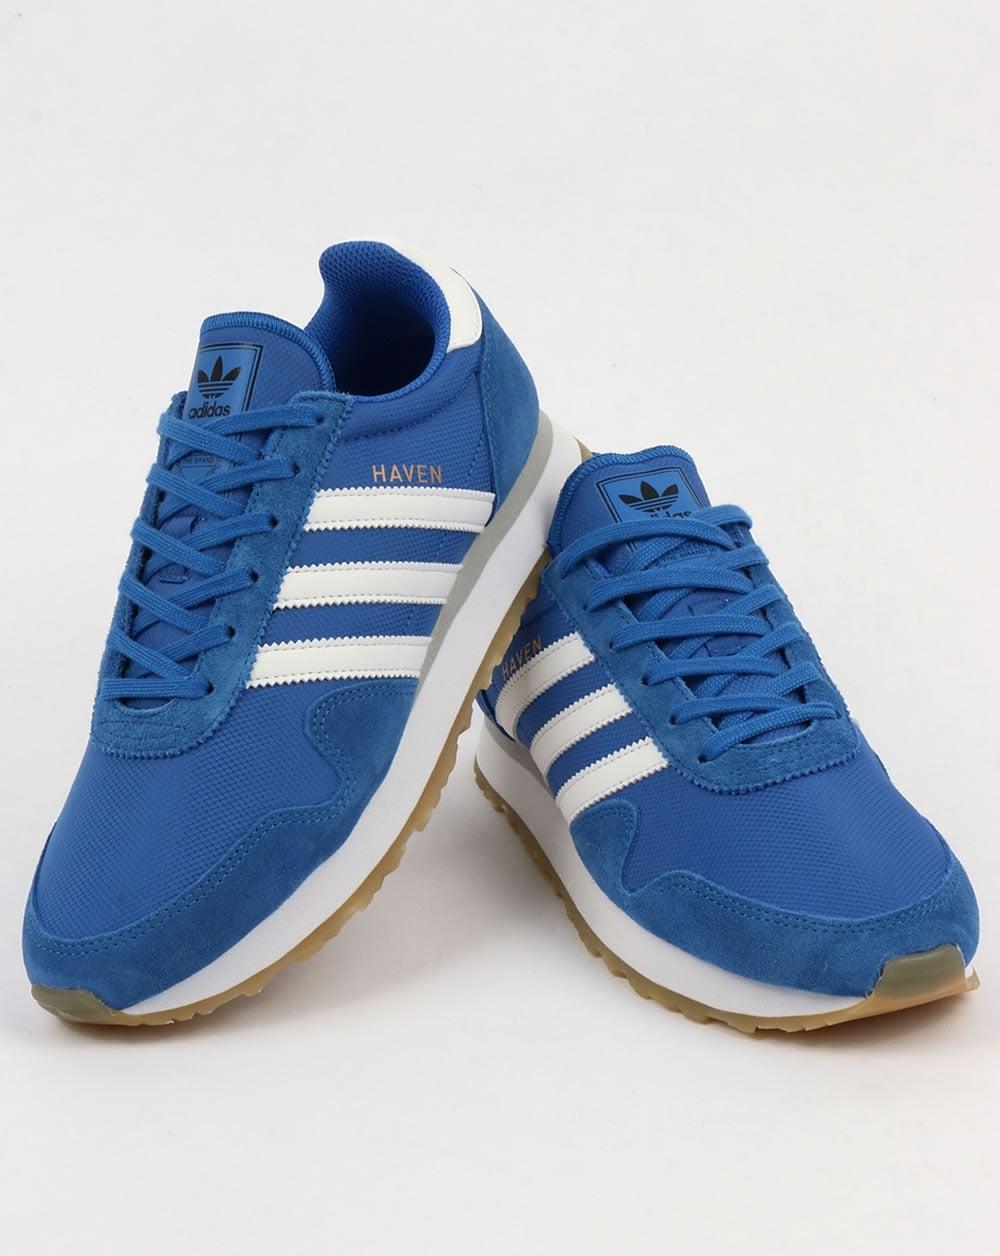 Adidas Originals Haven Trainers Blue White Gum fc3a7d6cb